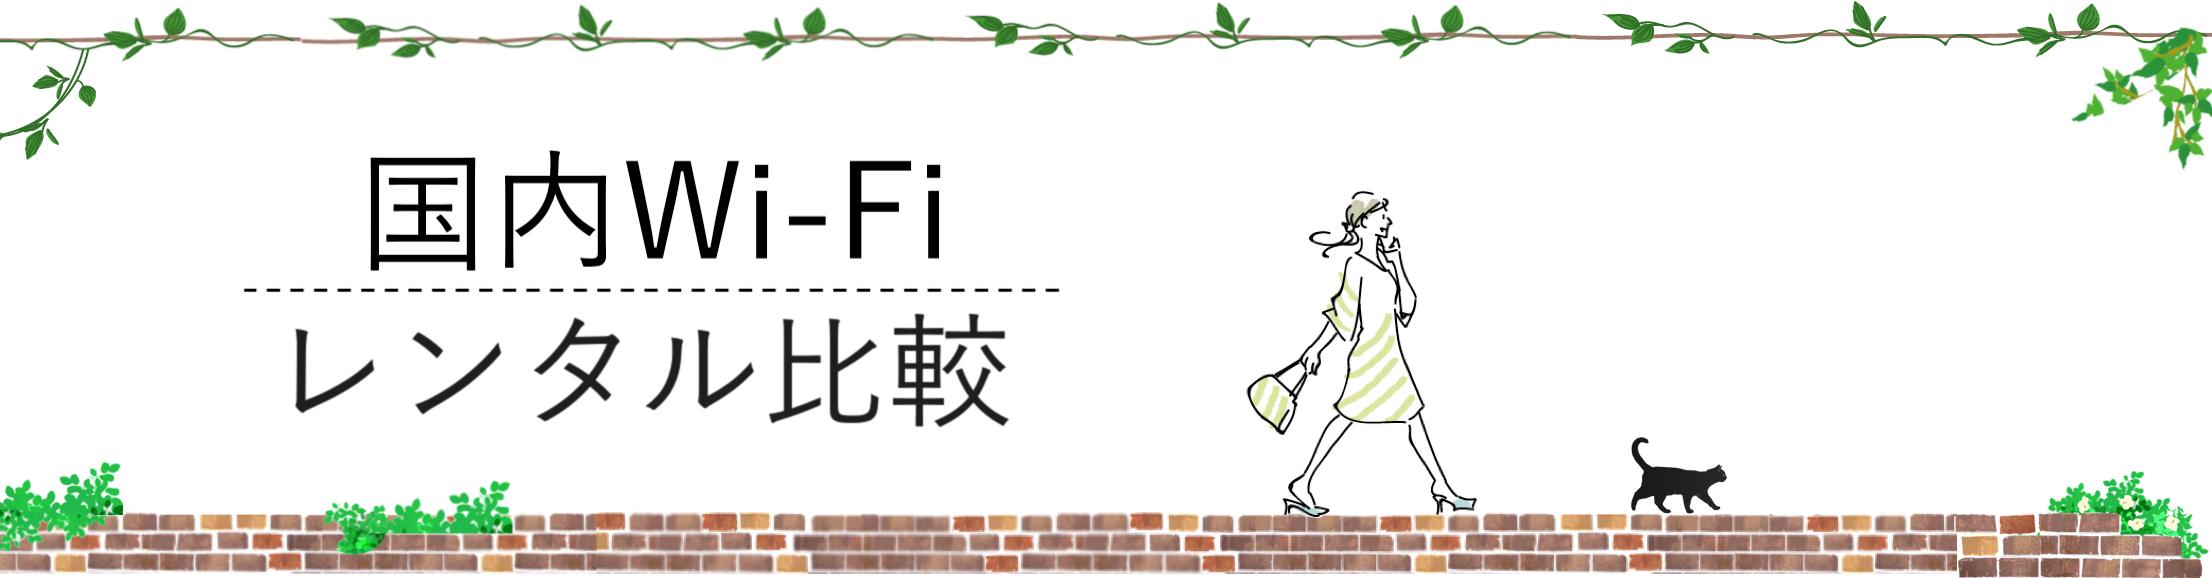 国内用Wi-Fiのレンタル情報・レンタル価格・製品情報一覧